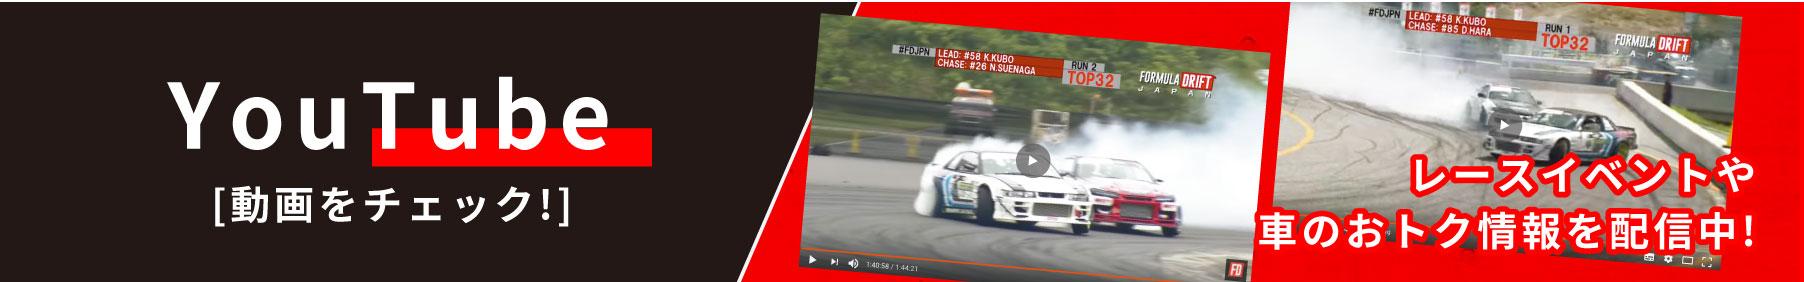 レースイベントや車のお得情報を配信中。YouTube 動画をチェック